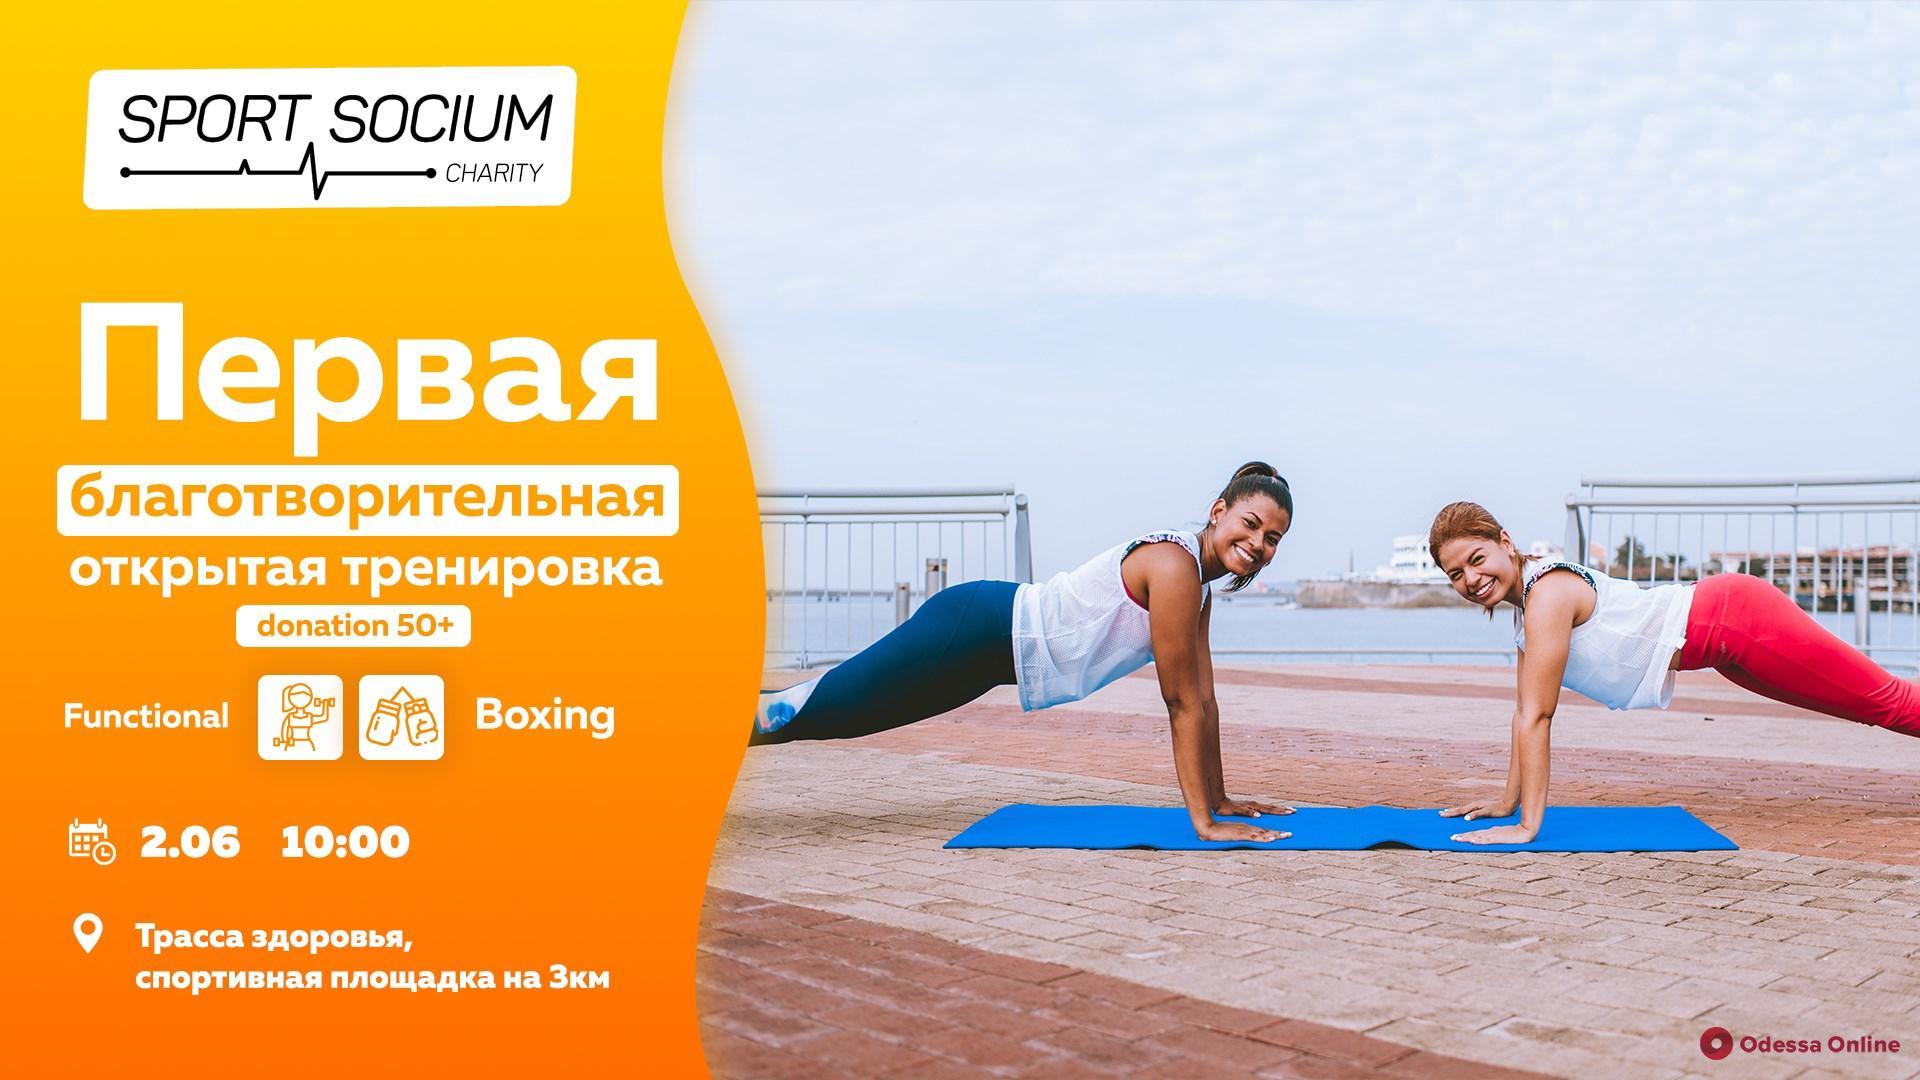 Собрать миллион гривен: в Одессе стартует социальный проект «Спорт для детей»